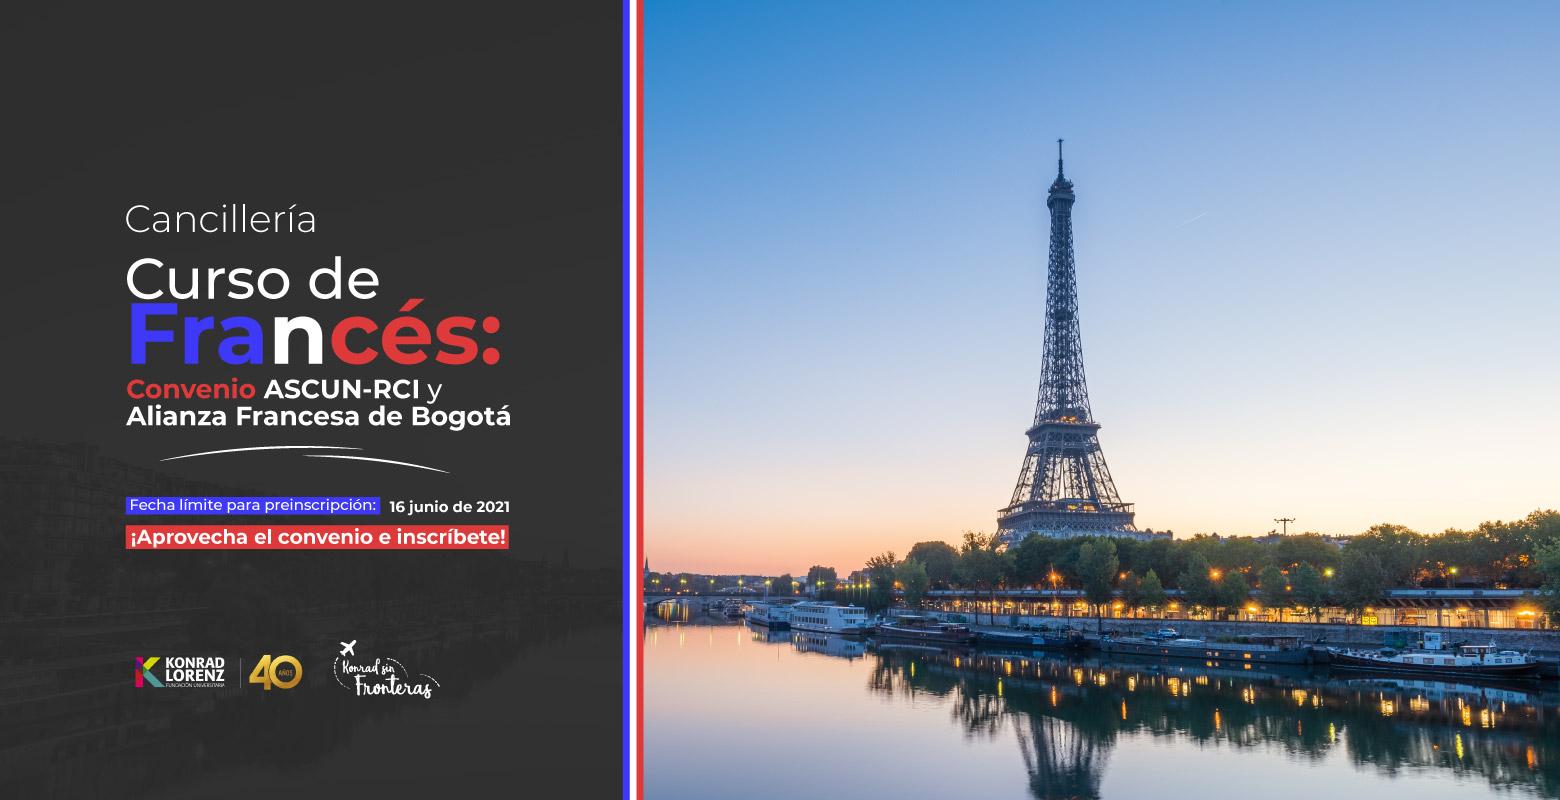 Curso de Francés: Convenio ASCUN-RCI y Alianza Francesa de Bogotá